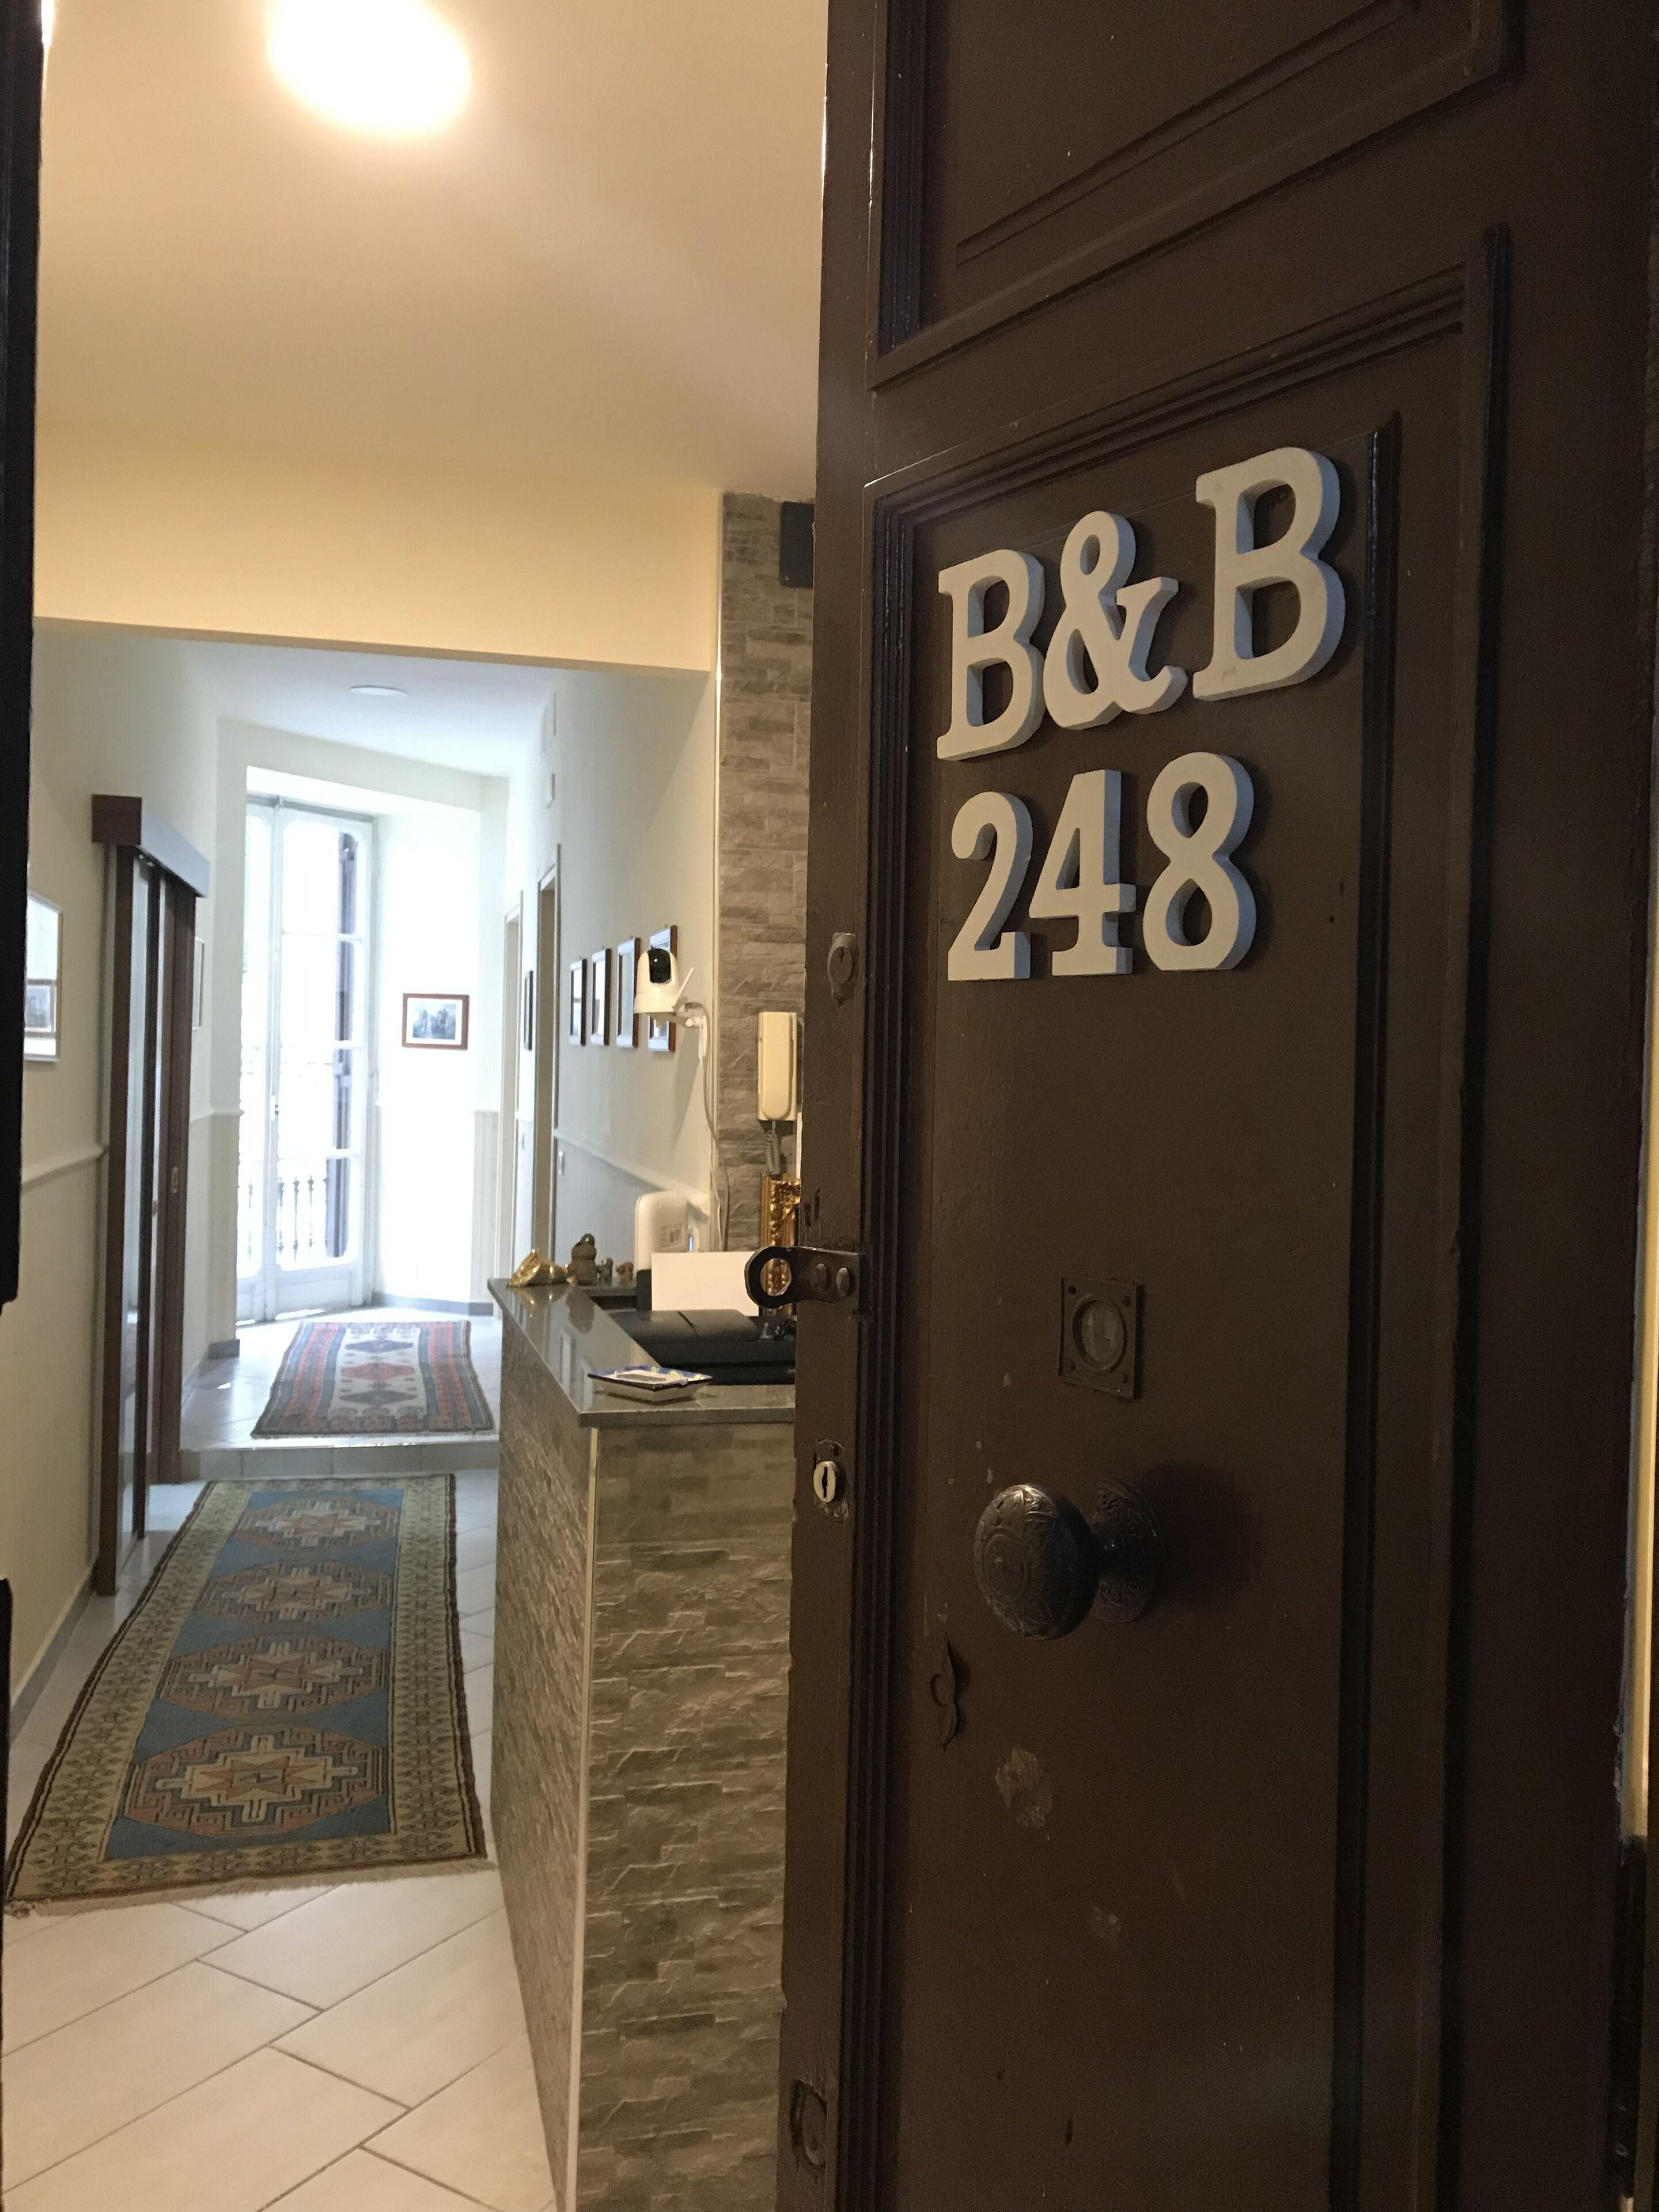 B&b 248